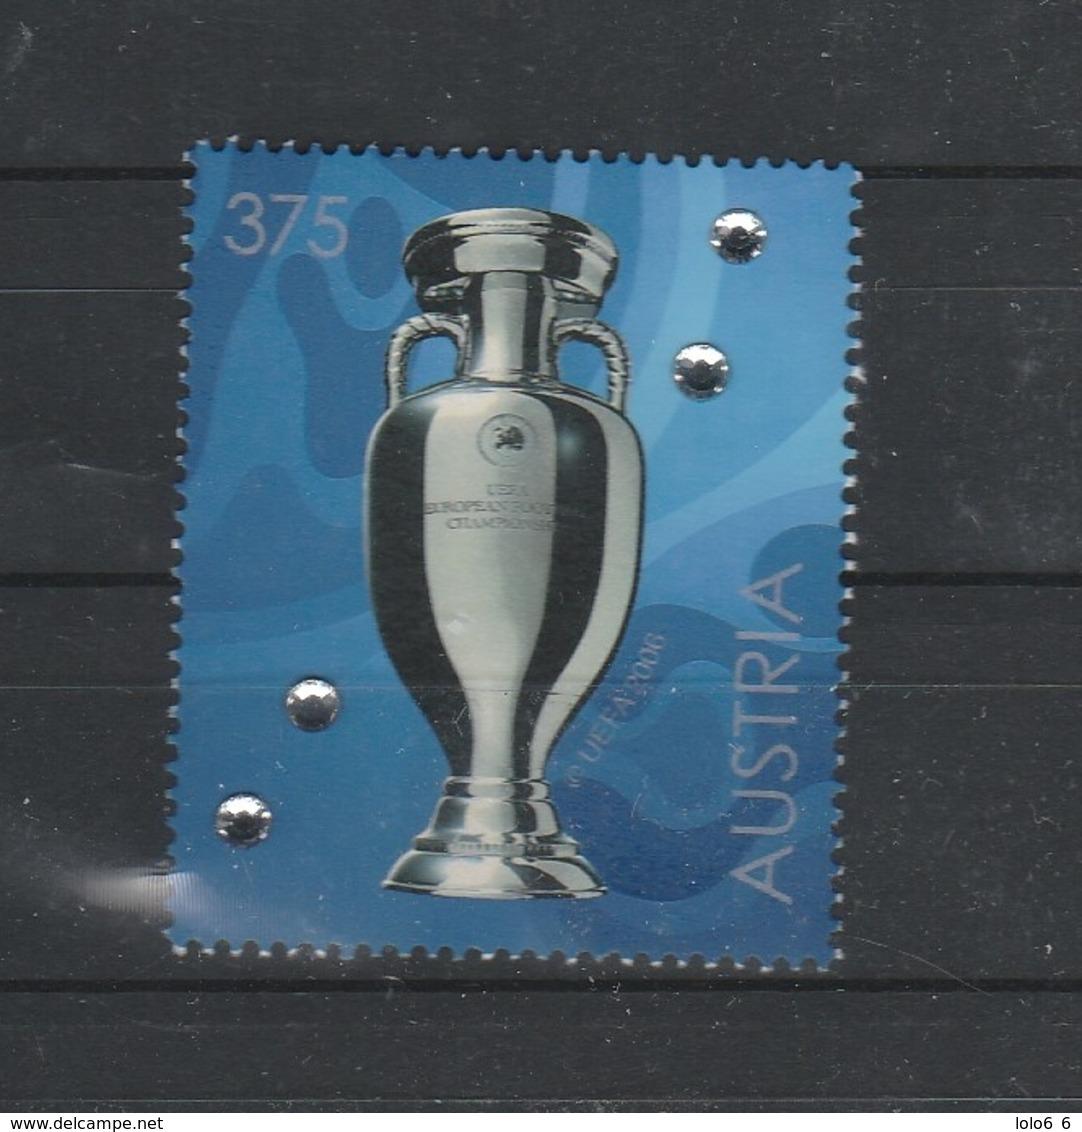 Ex Jahr 2008 - Mi. Nr. 2751  Postfrisch, Unter Postpreis - Auch Billige Frankaturware - Ganze Jahrgänge